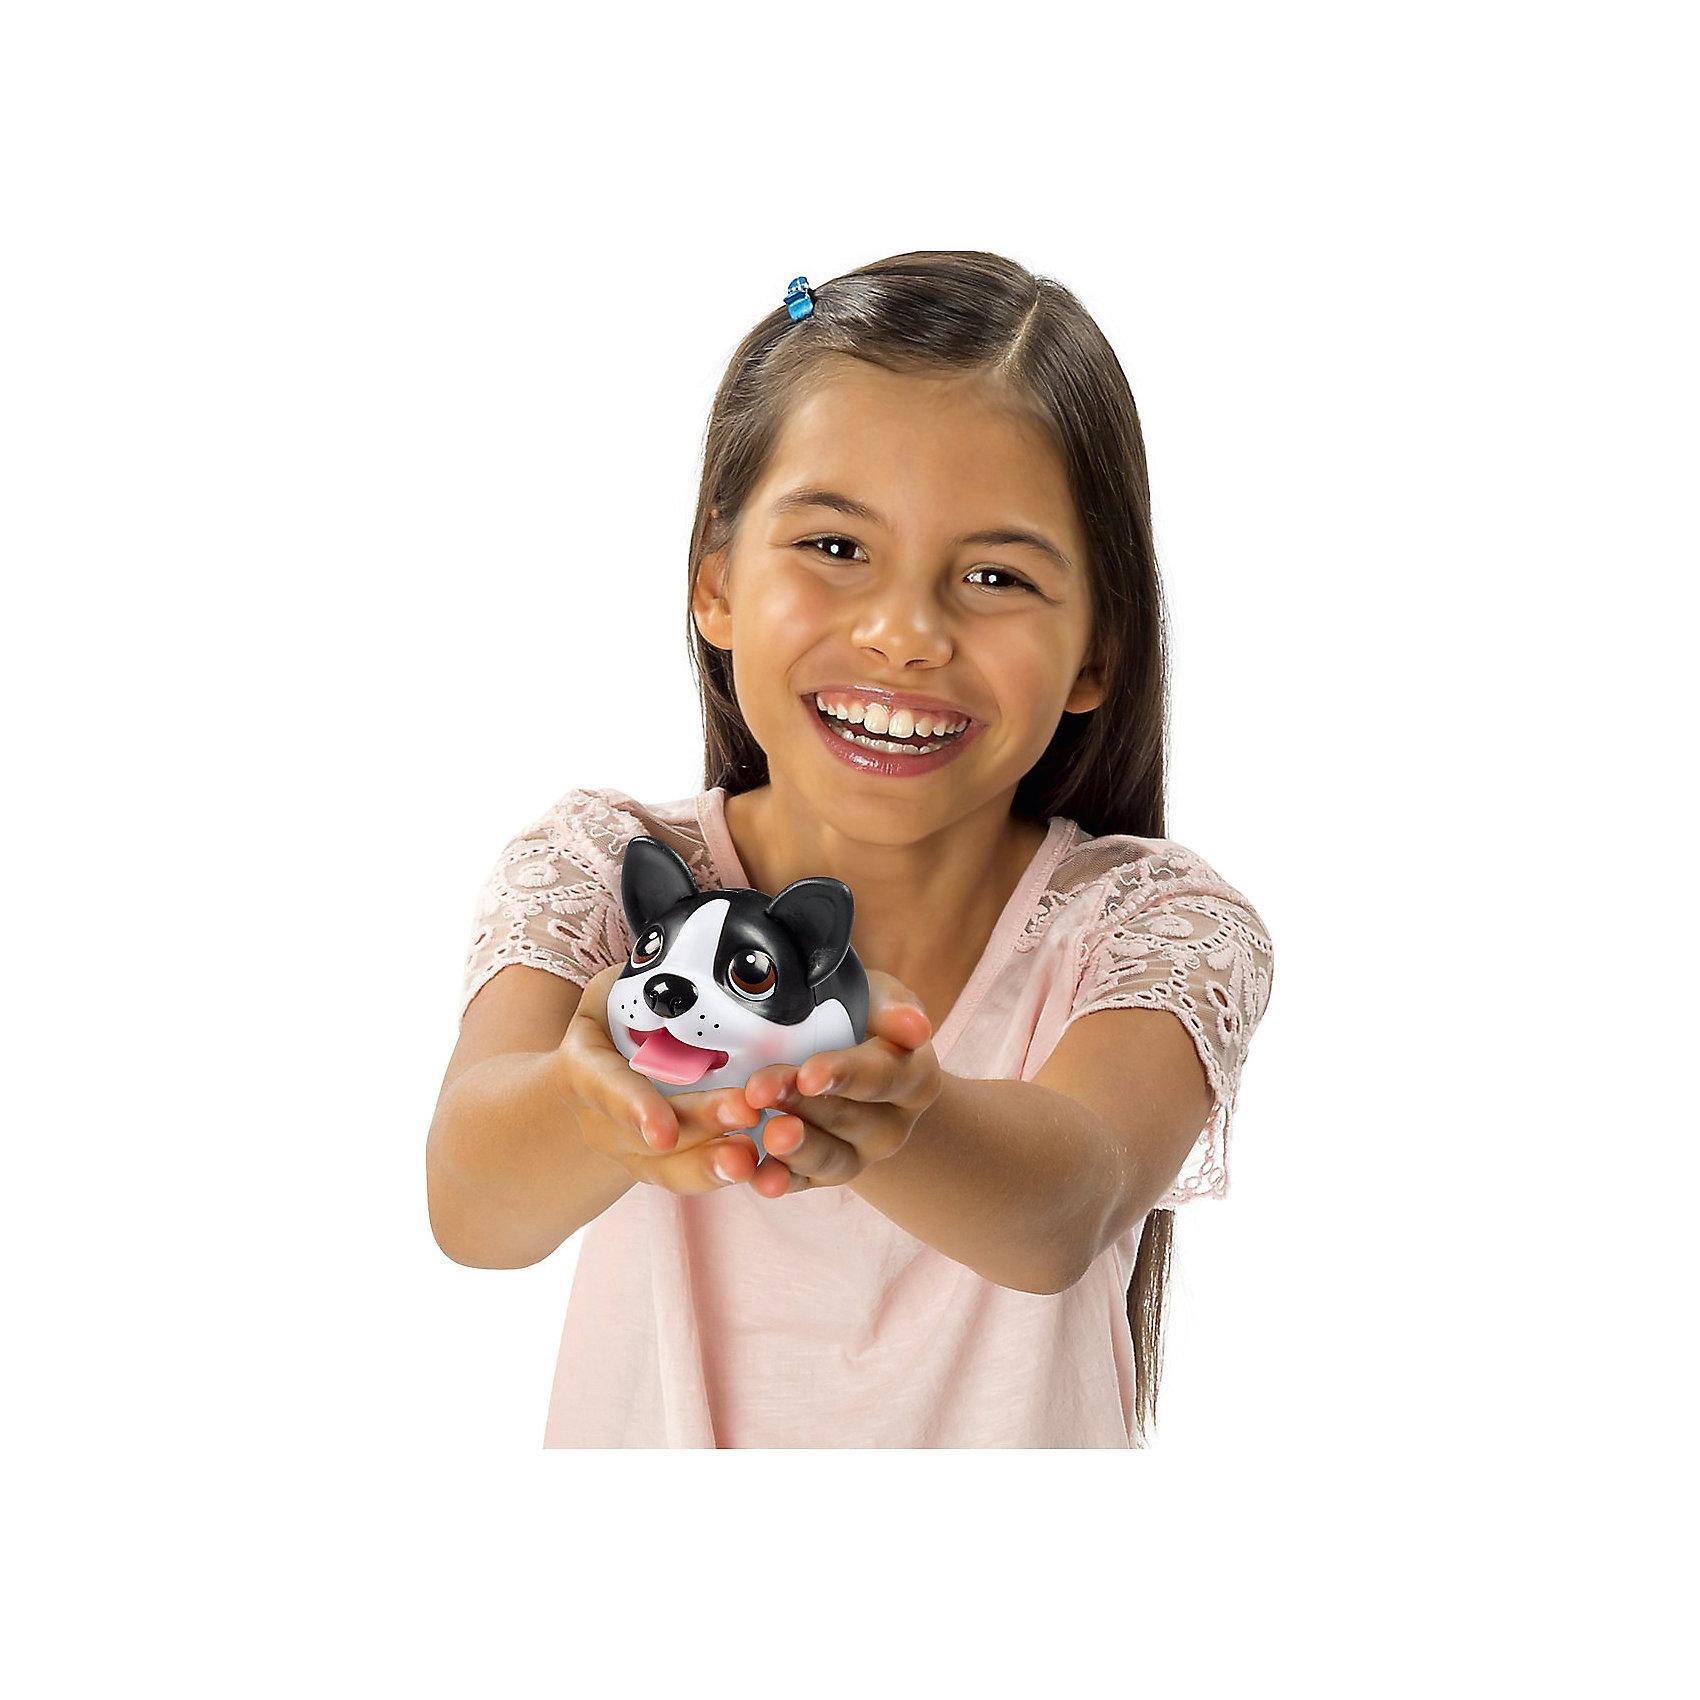 Коллекционная фигурка Спаниель, Chubby PuppiesХарактеристики товара:<br><br>- цвет: разноцветный;<br>- материал: пластик;<br>- размер упаковки: 15х8х11 см;<br>- вес: 200 г;<br>- комплектация: большая и маленькая фигурки. <br><br>Игрушки от бренда Chubby Puppies - это симпатичные собачки, которые умеют забавно двигаться. Эта игрушка очень качественно выполнена, поэтому она станет отличным подарком ребенку. Такое изделие отлично тренирует у ребенка разные навыки: играя с ней, малыш развивает мелкую моторику, цветовосприятие, внимание, воображение и творческое мышление.<br>Данная модель дополнена маленькой копией животного! Из этих фигурок можно собрать целую коллекцию! Изделие произведено из высококачественного материала, безопасного для детей.<br><br>Коллекционную фигурку Спаниель от бренда Chubby Puppies можно купить в нашем интернет-магазине.<br><br>Ширина мм: 80<br>Глубина мм: 110<br>Высота мм: 150<br>Вес г: 195<br>Возраст от месяцев: 36<br>Возраст до месяцев: 2147483647<br>Пол: Унисекс<br>Возраст: Детский<br>SKU: 5097948